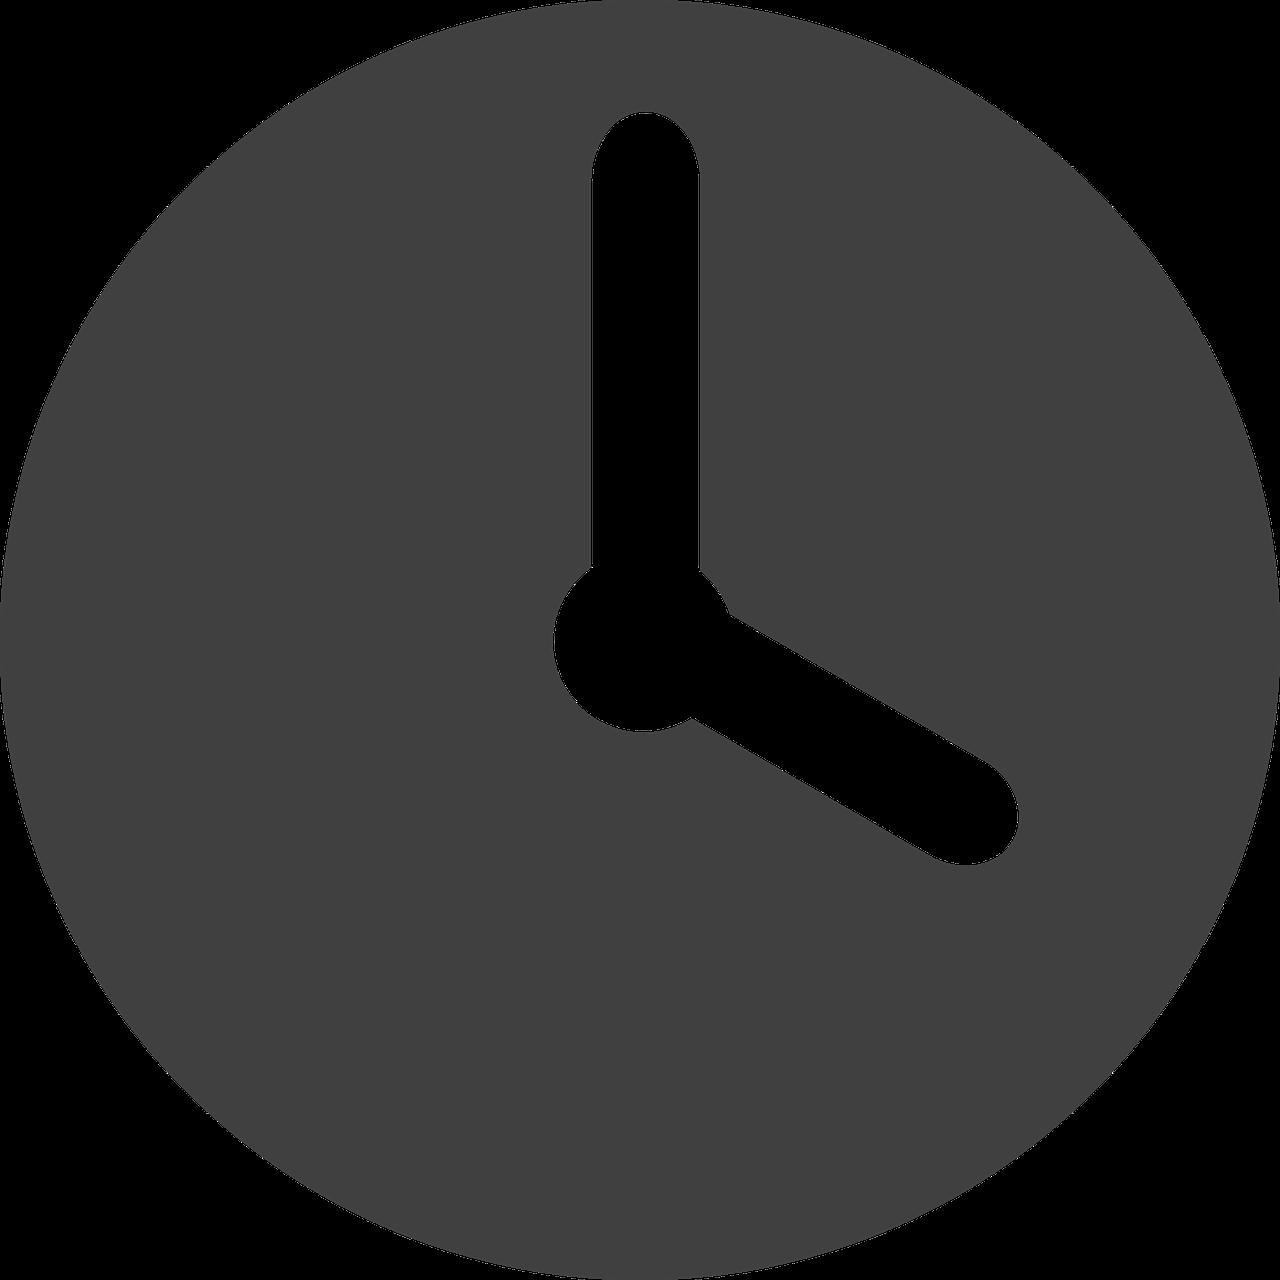 clock-1032653_1280.png